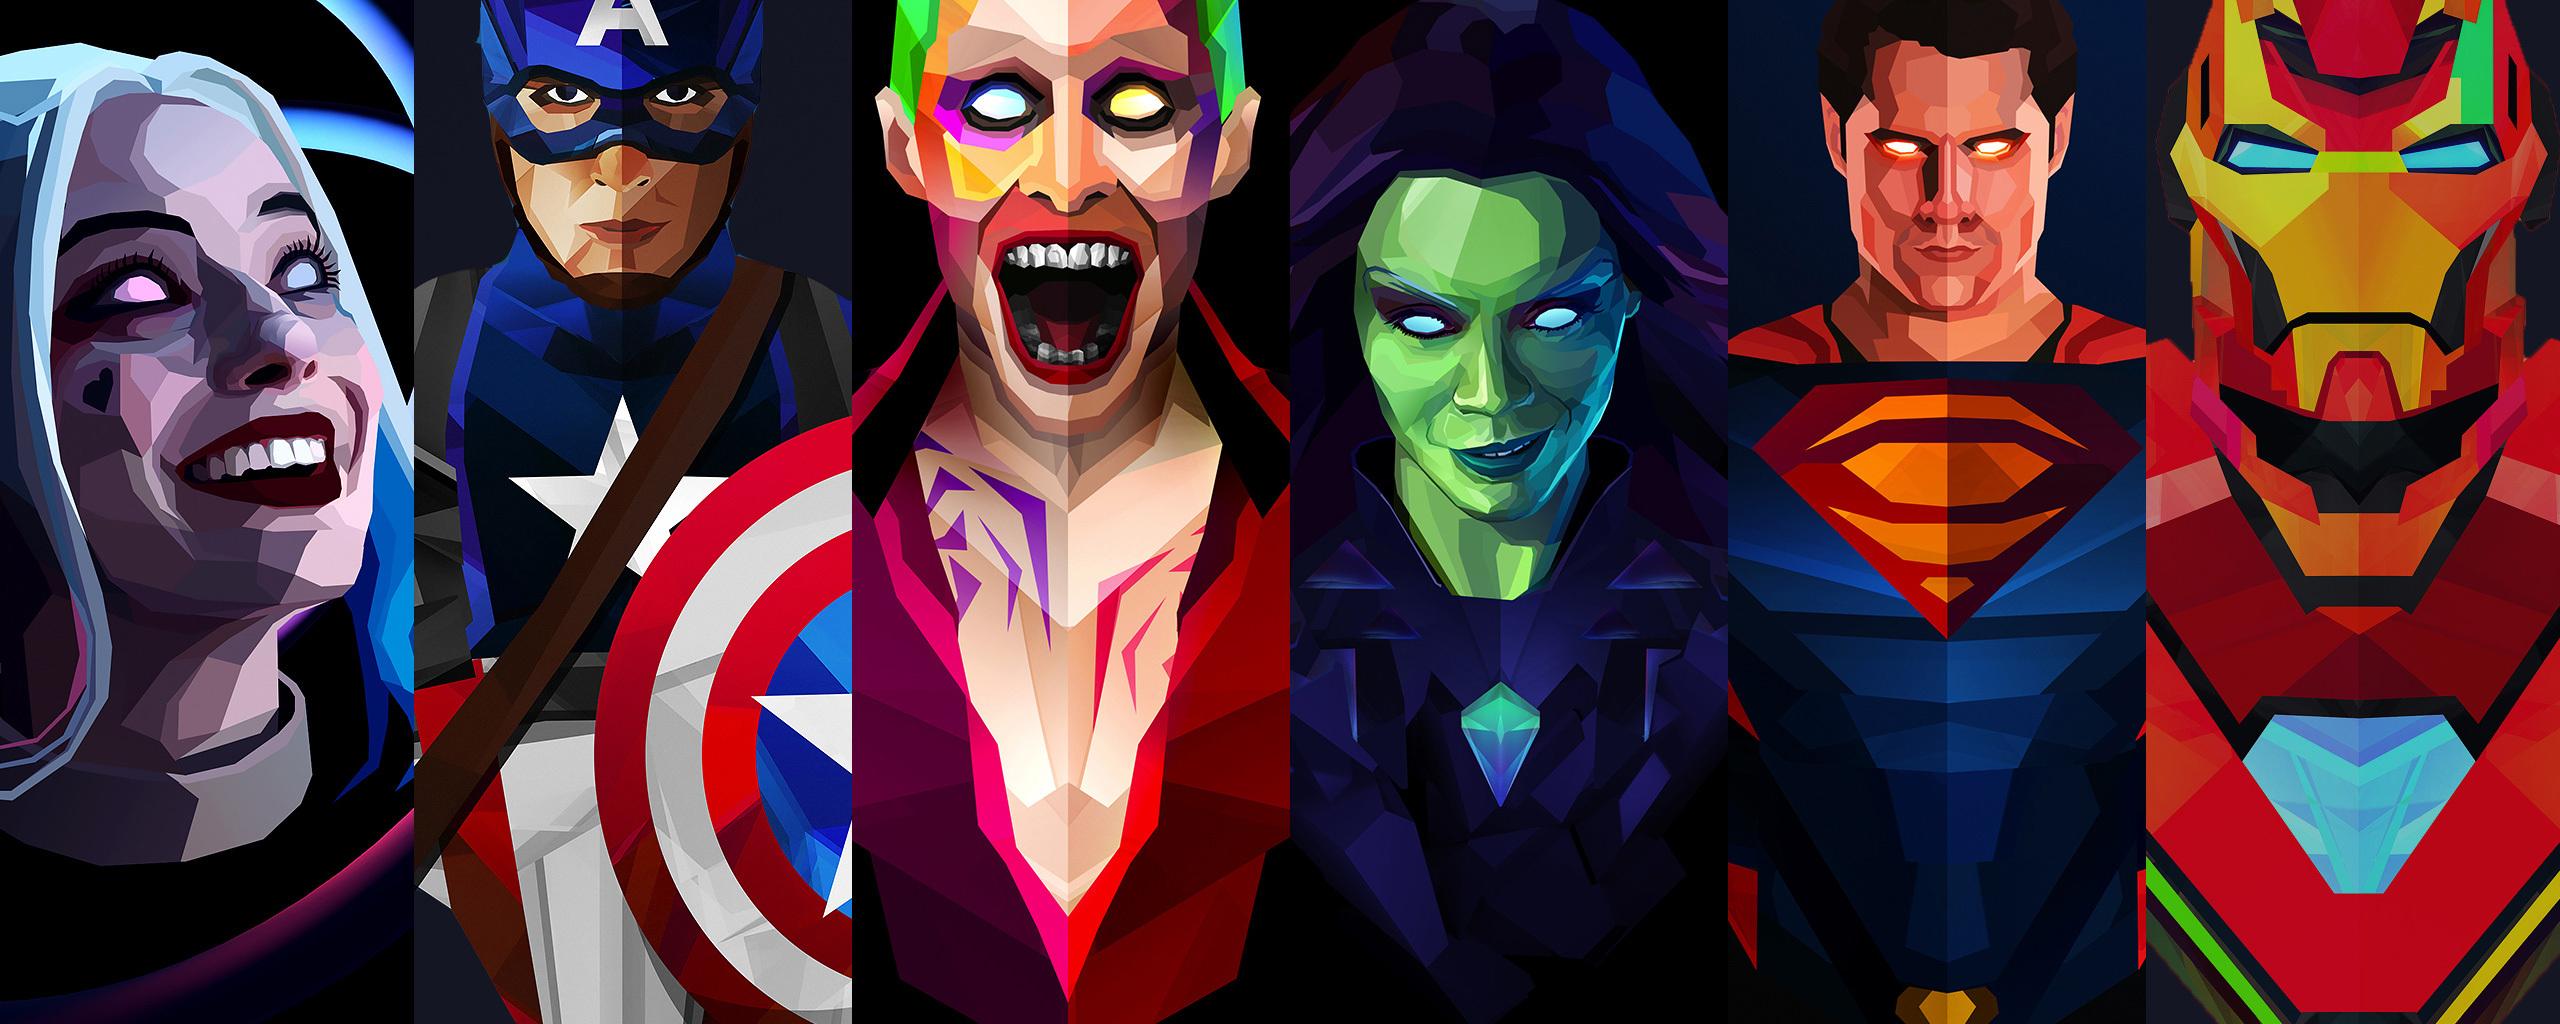 dc-and-marvel-artwork-i9.jpg